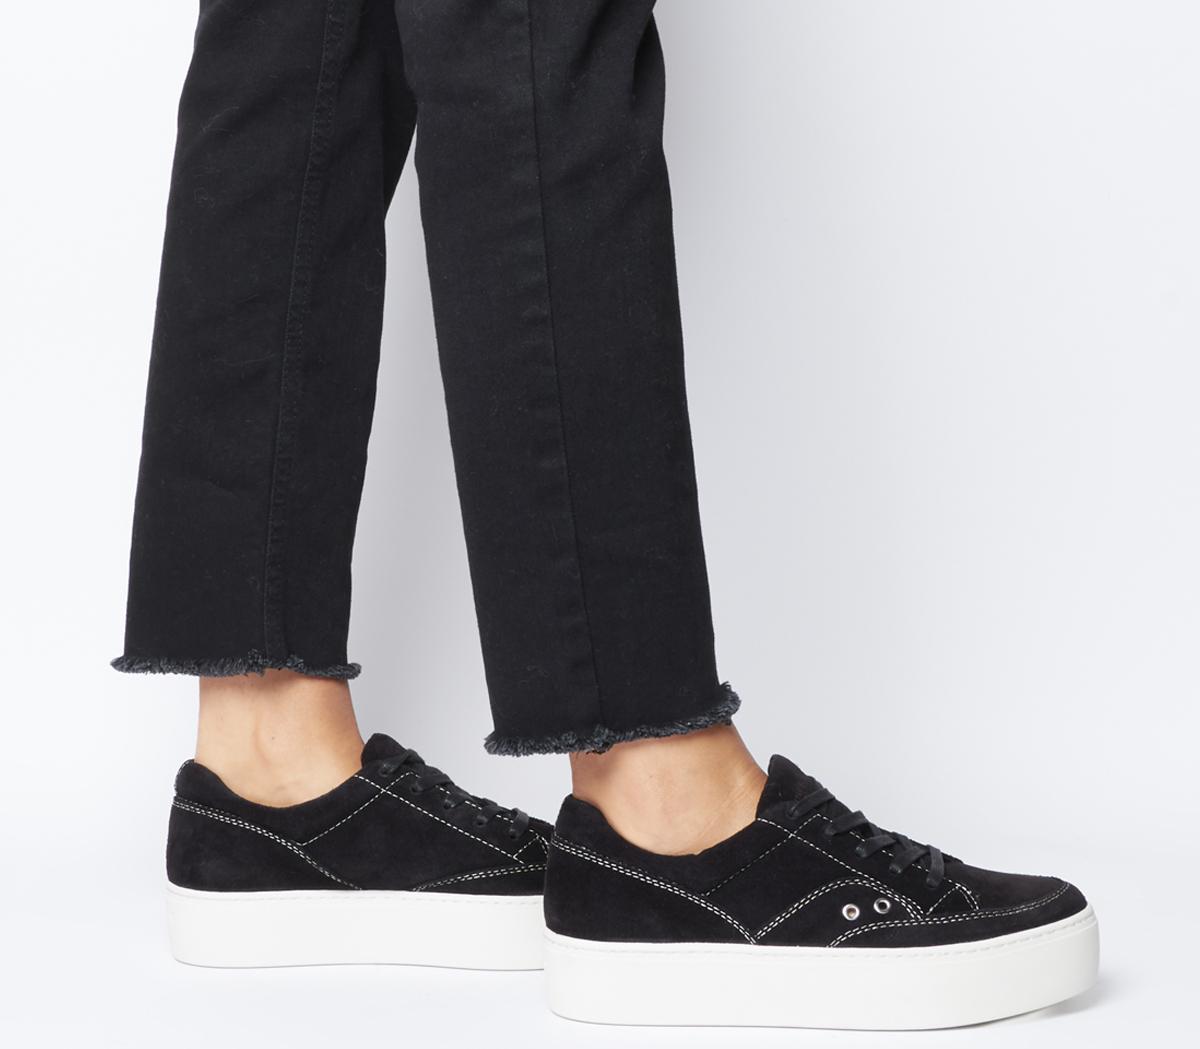 Vagabond Jessie Sneakers Black - Hers